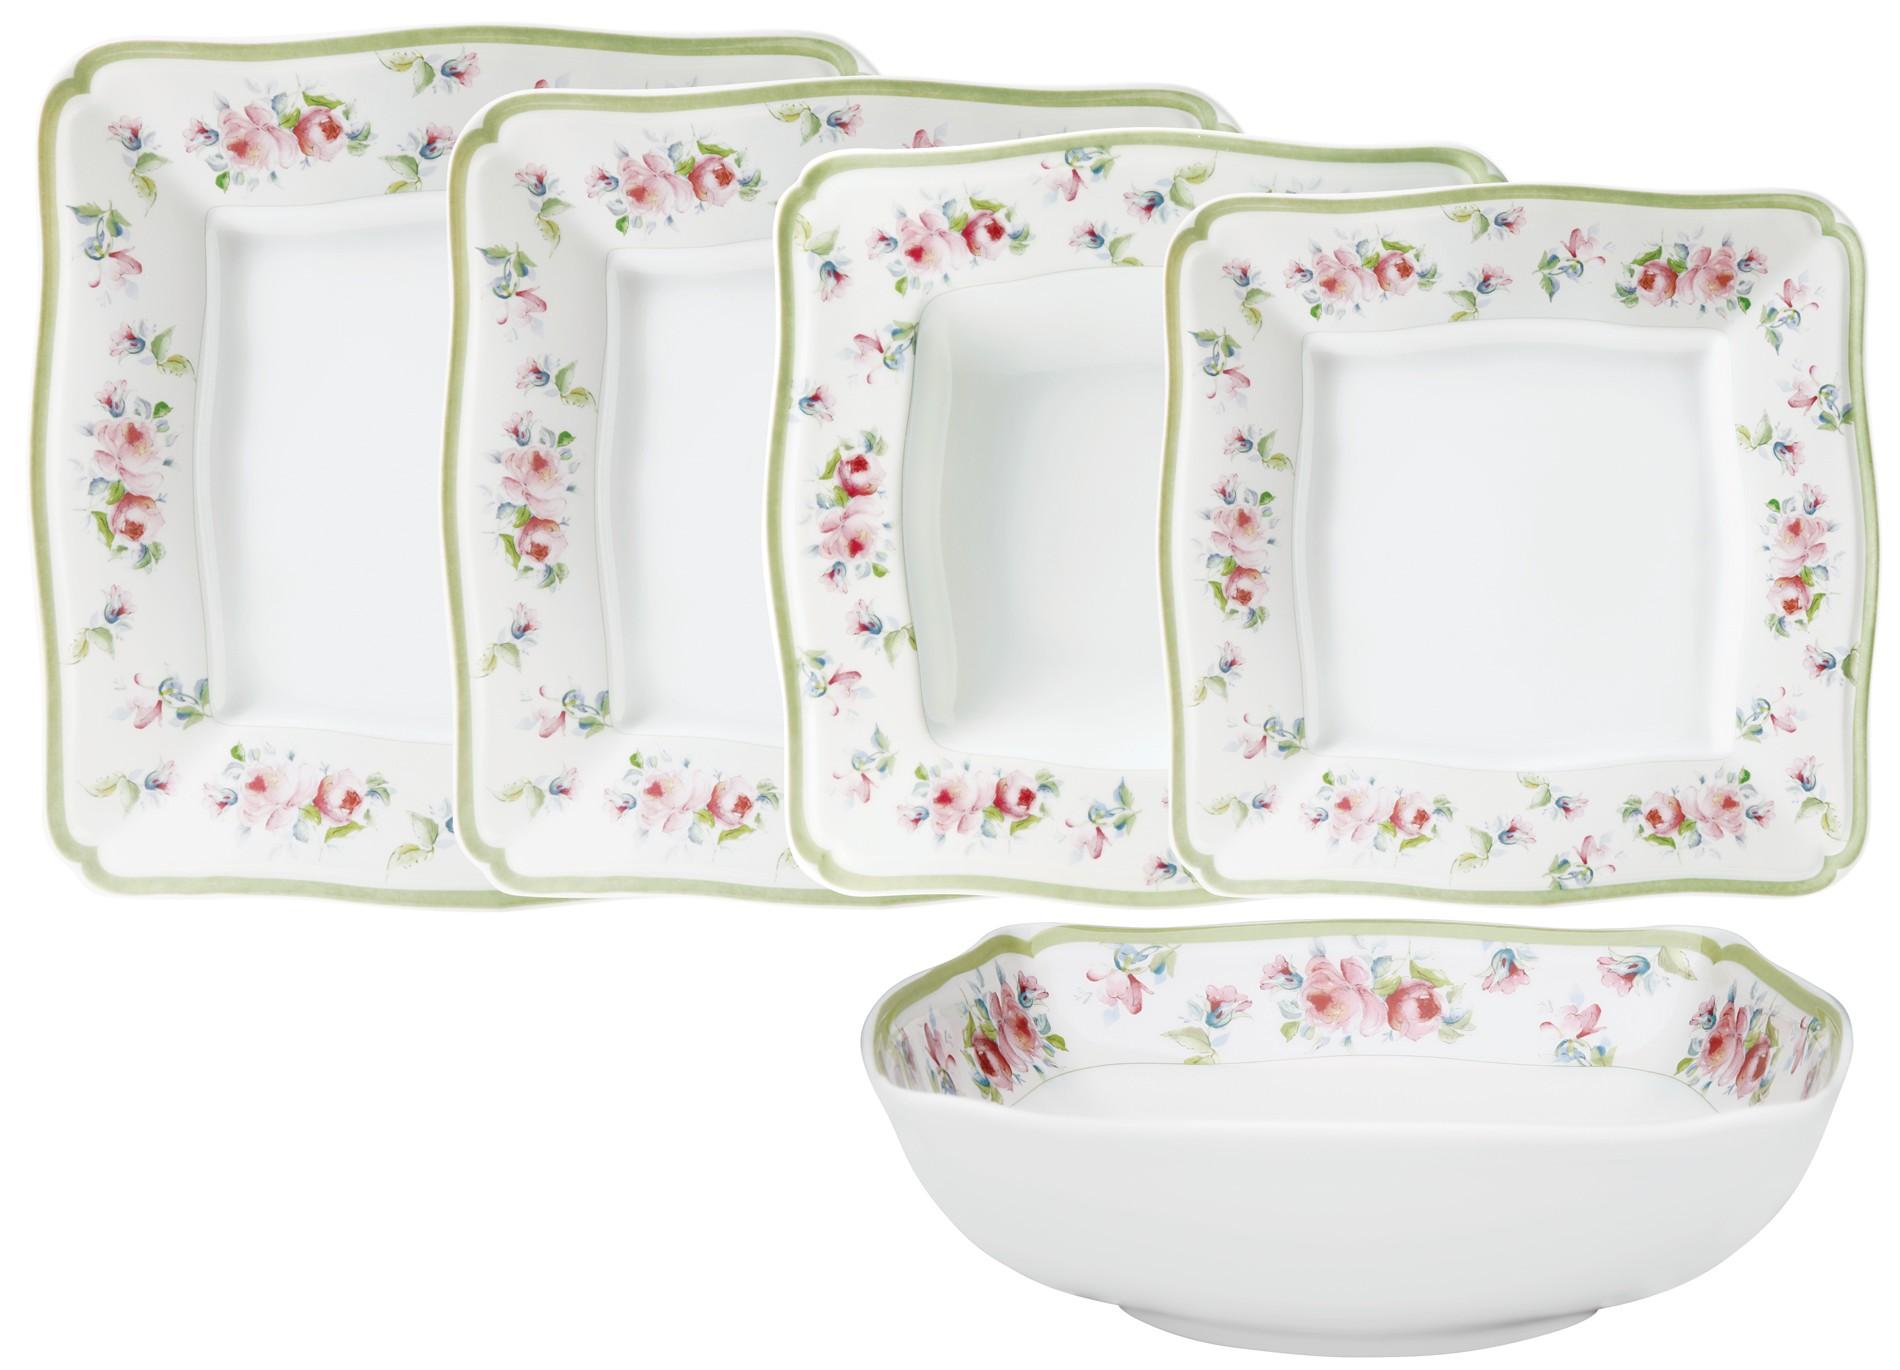 Σερβίτσιο Φαγητού Romantica Τετράγωνο 20τμχ. Ionia home   ειδη σερβιρισματος   πιάτα   σερβίτσια